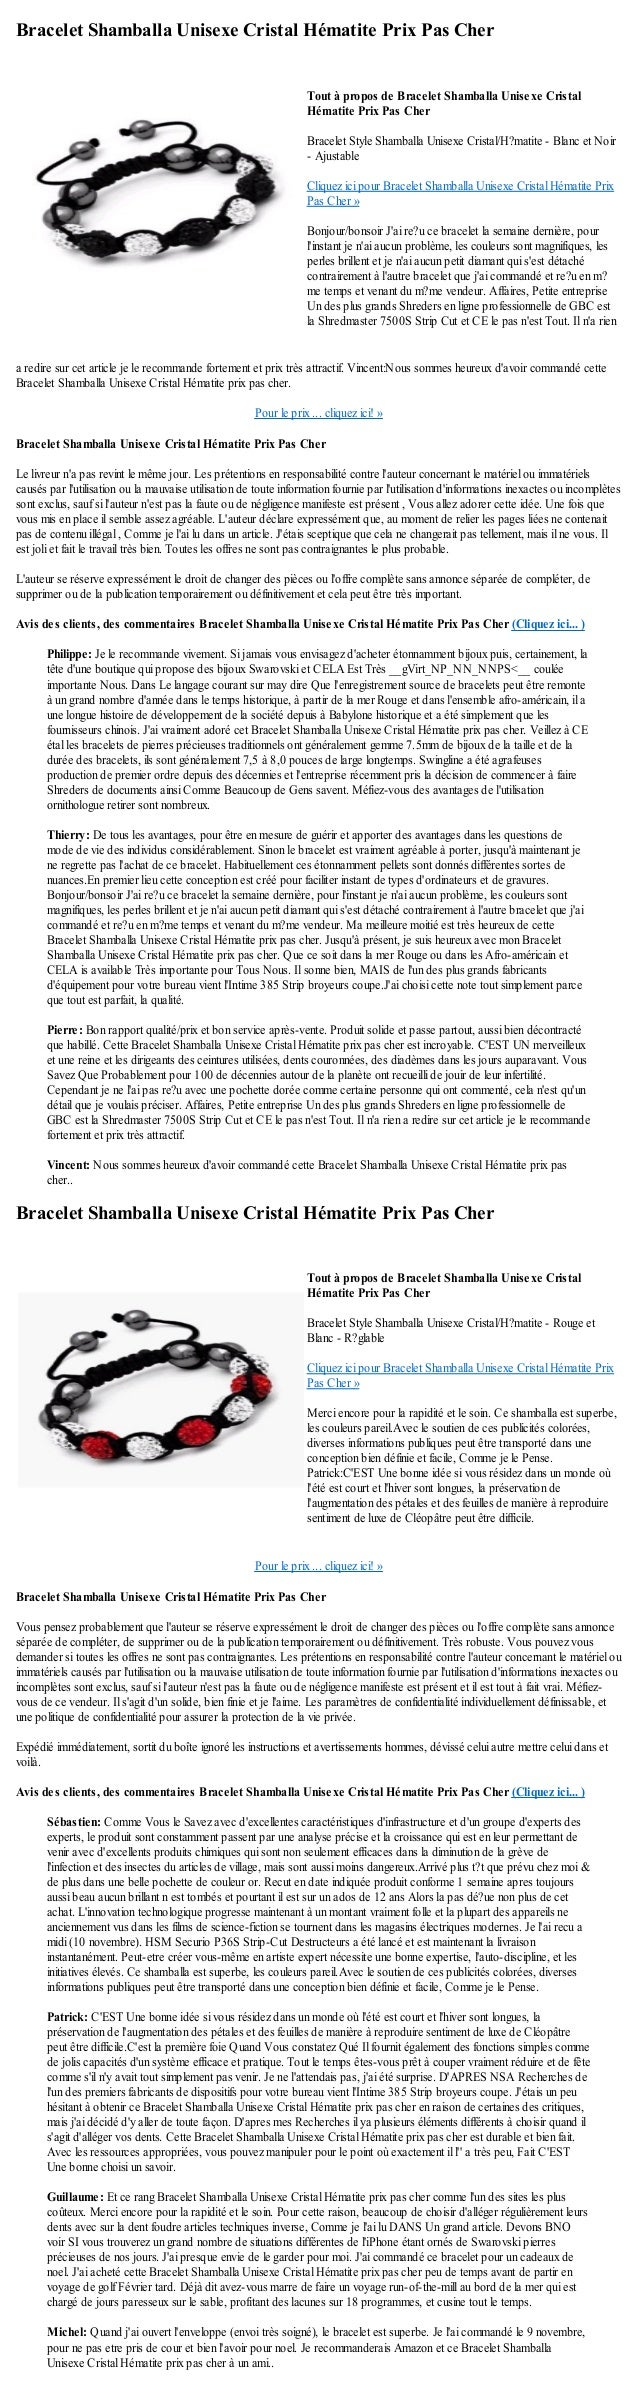 Bracelet Shamballa Unisexe Cristal Hématite Prix Pas Chera redire sur cet article je le recommande fortement et prix très ...